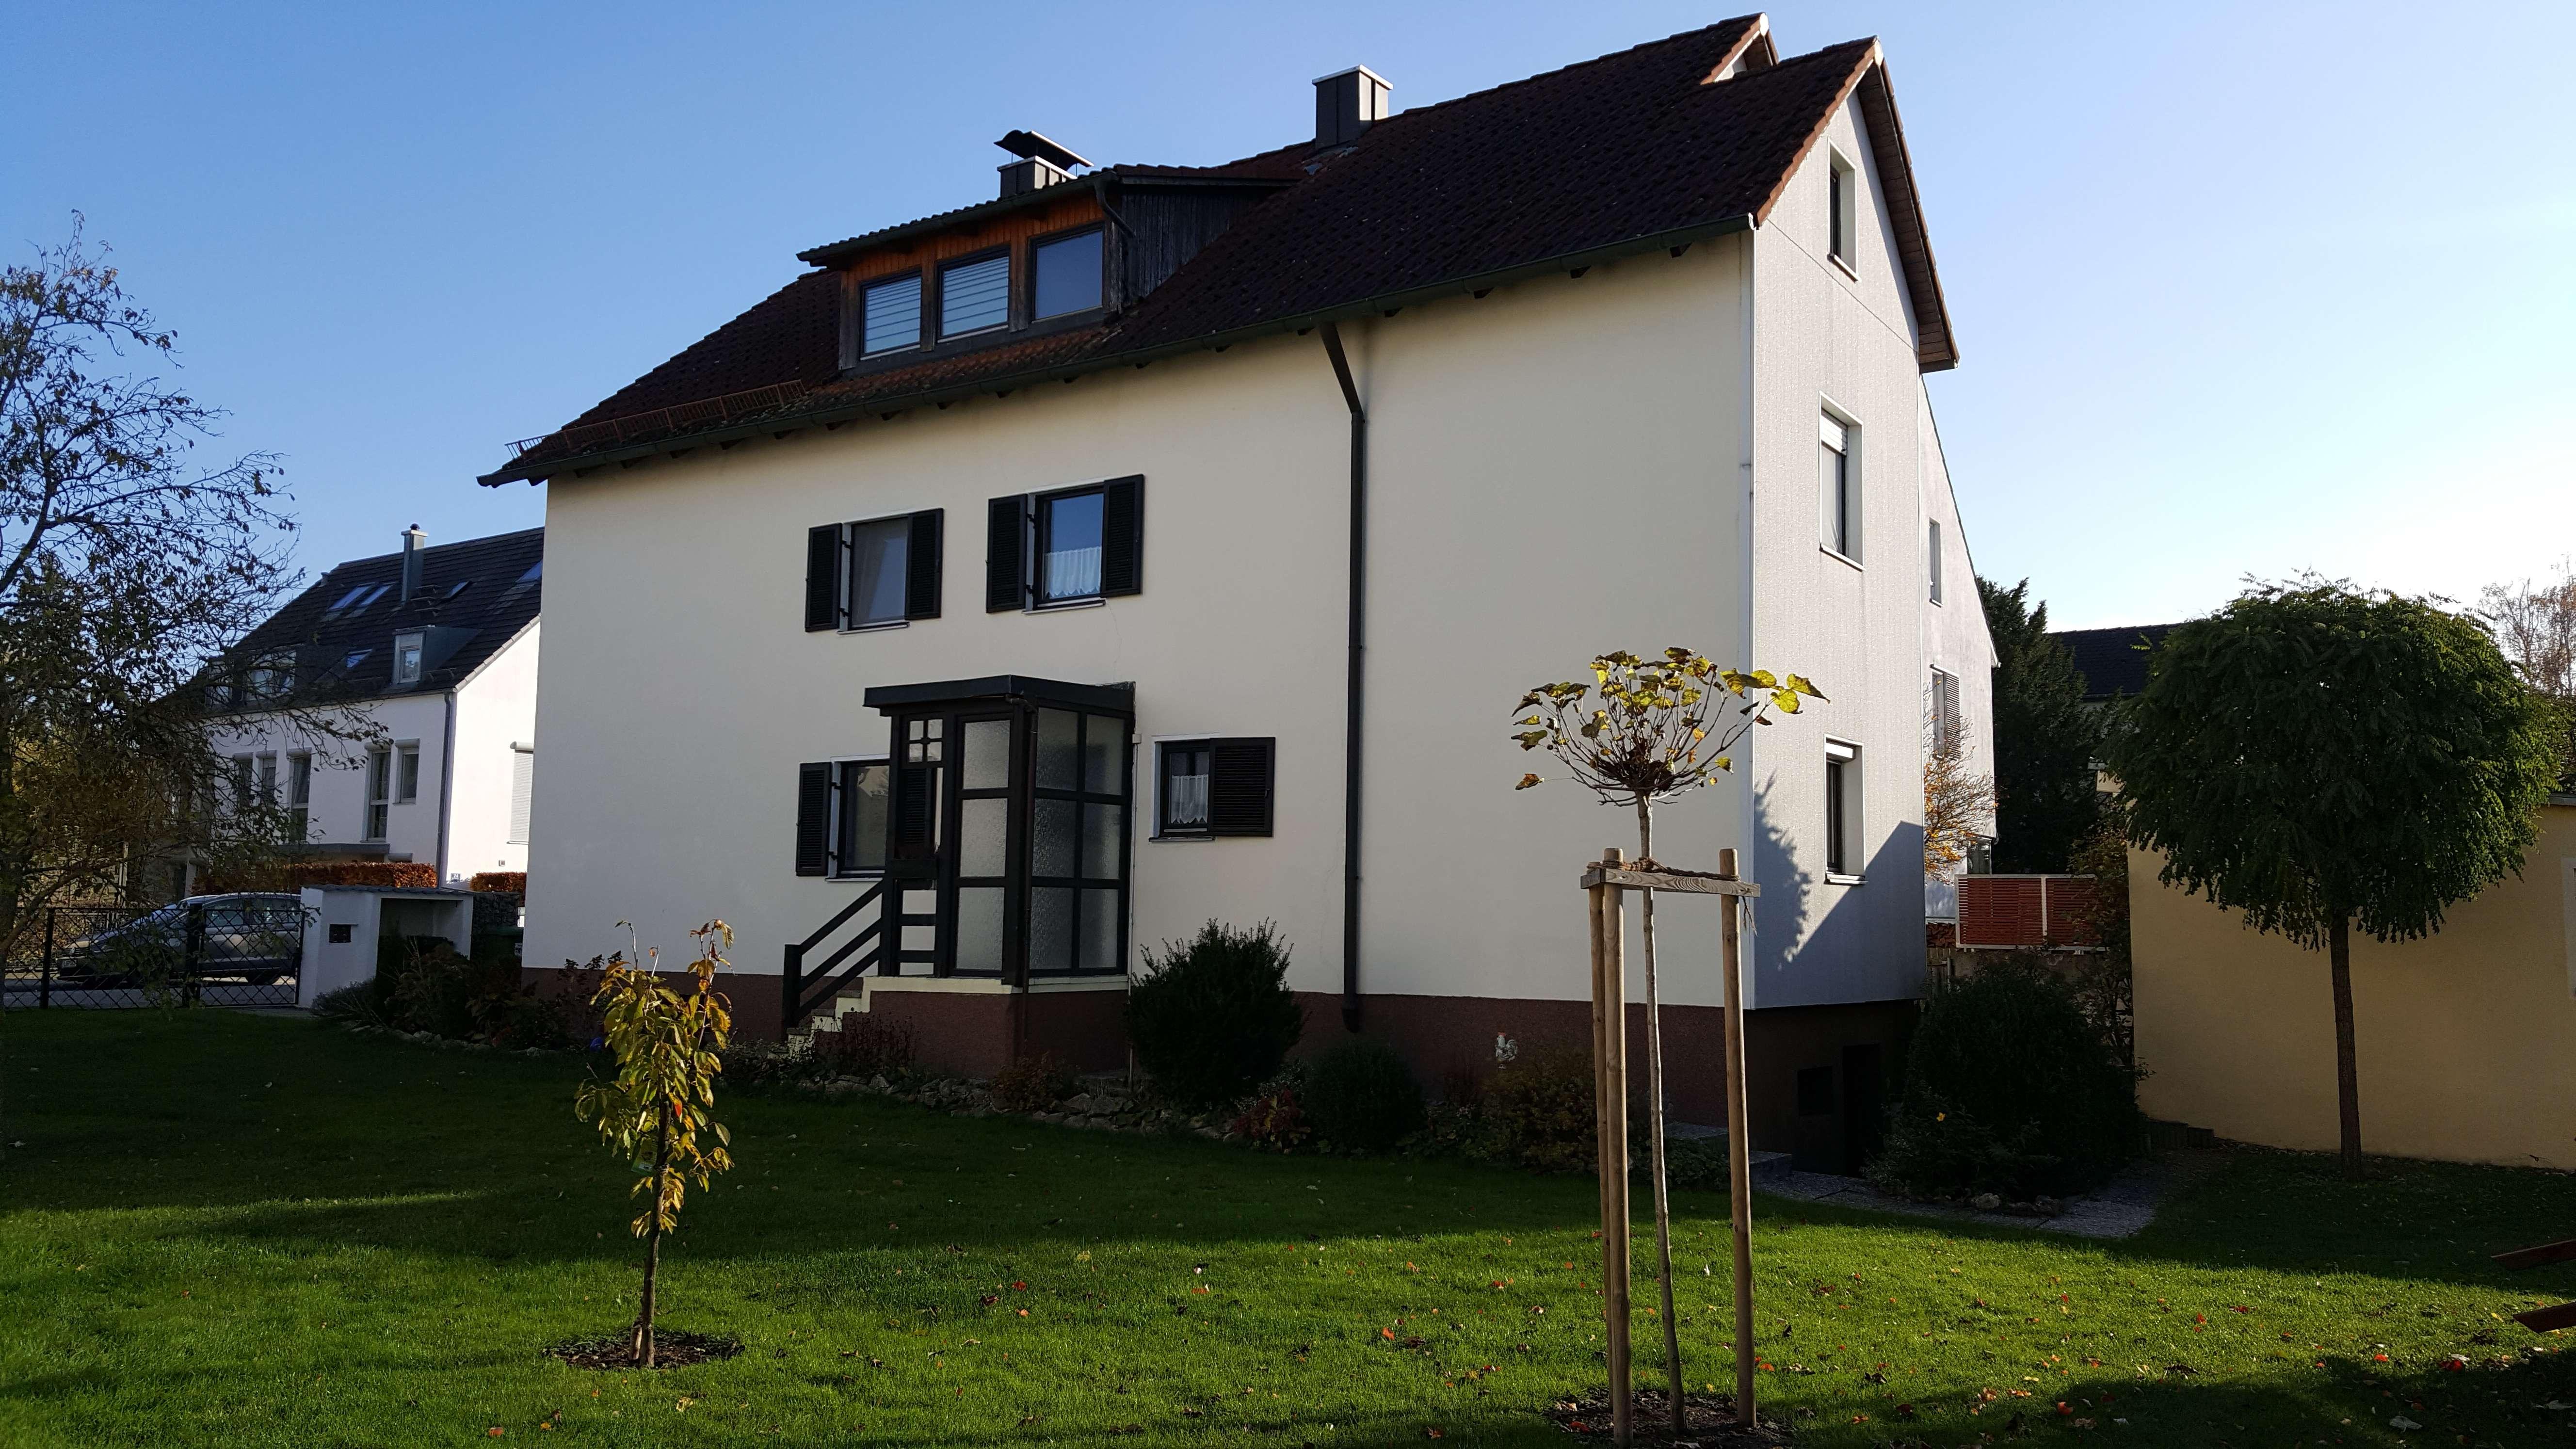 Wohnung in Top Lage - renovierte 4-Zimmer-EG-Wohnung im Regensburger Westen in Westenviertel (Regensburg)